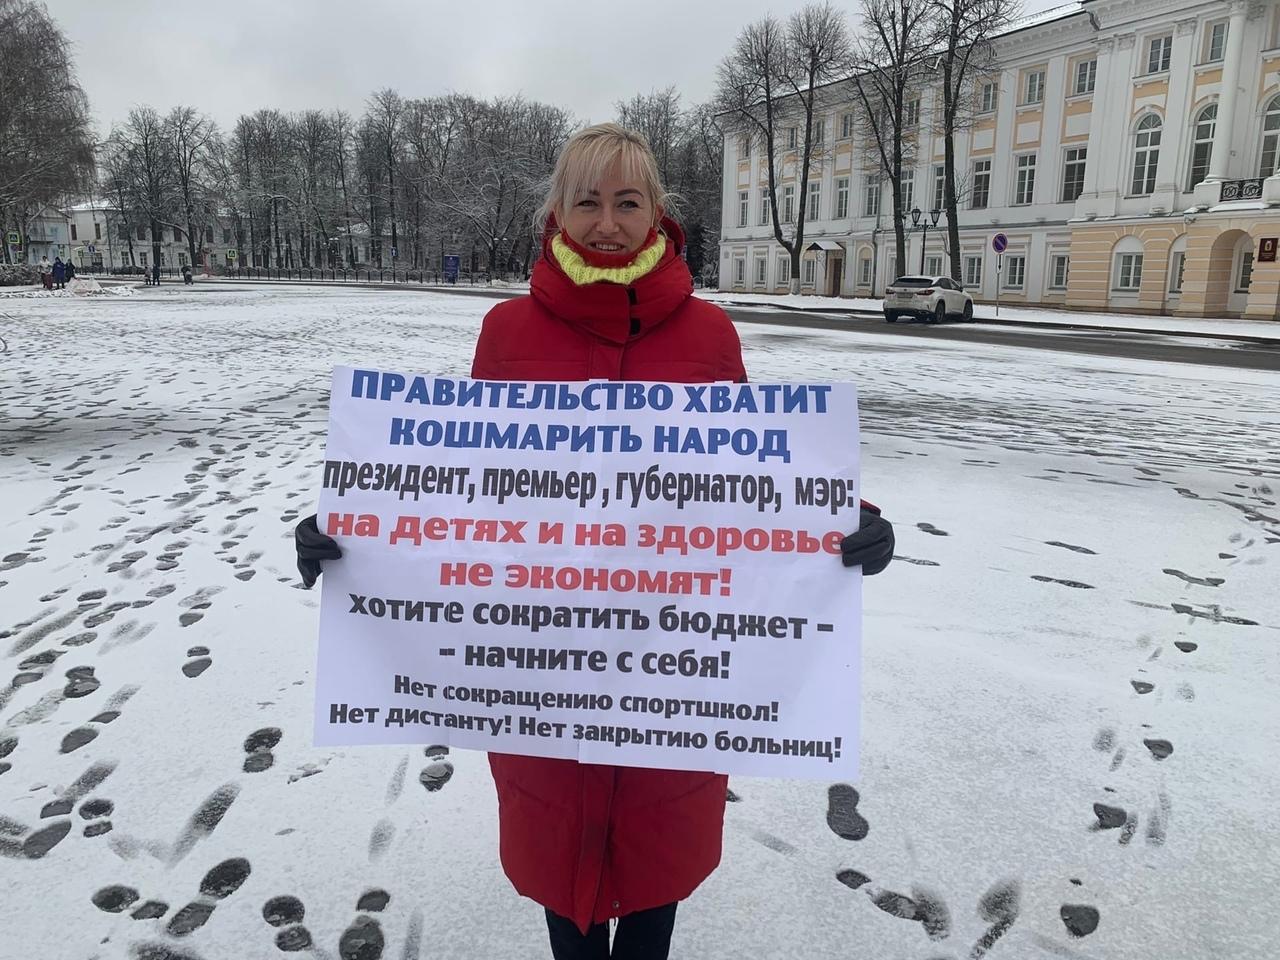 Молодежь Ярославля против внедрения дистанционного образования